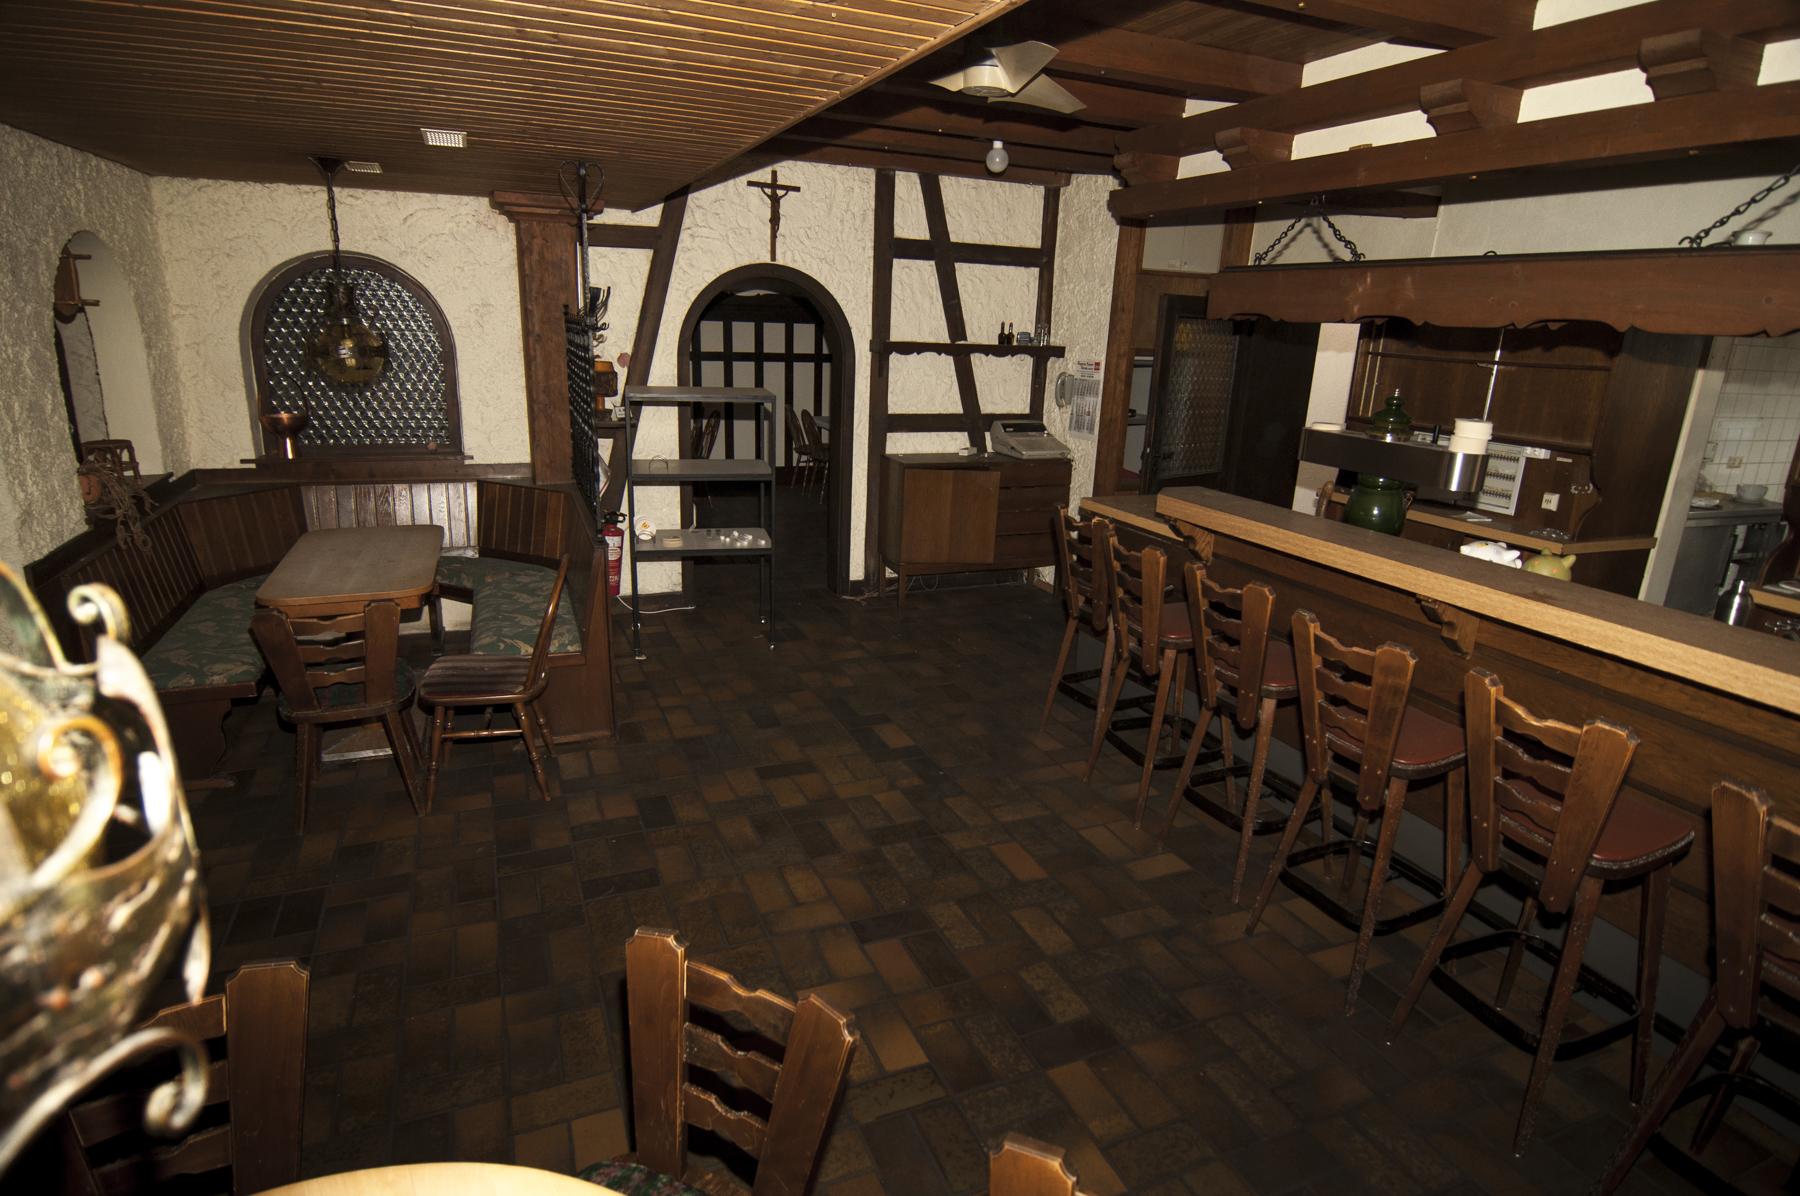 Keller renovieren vorher nachher  Vom Hotelzimmer zum Wohnzimmer - meine Wohnung im Vorher-Nachher ...